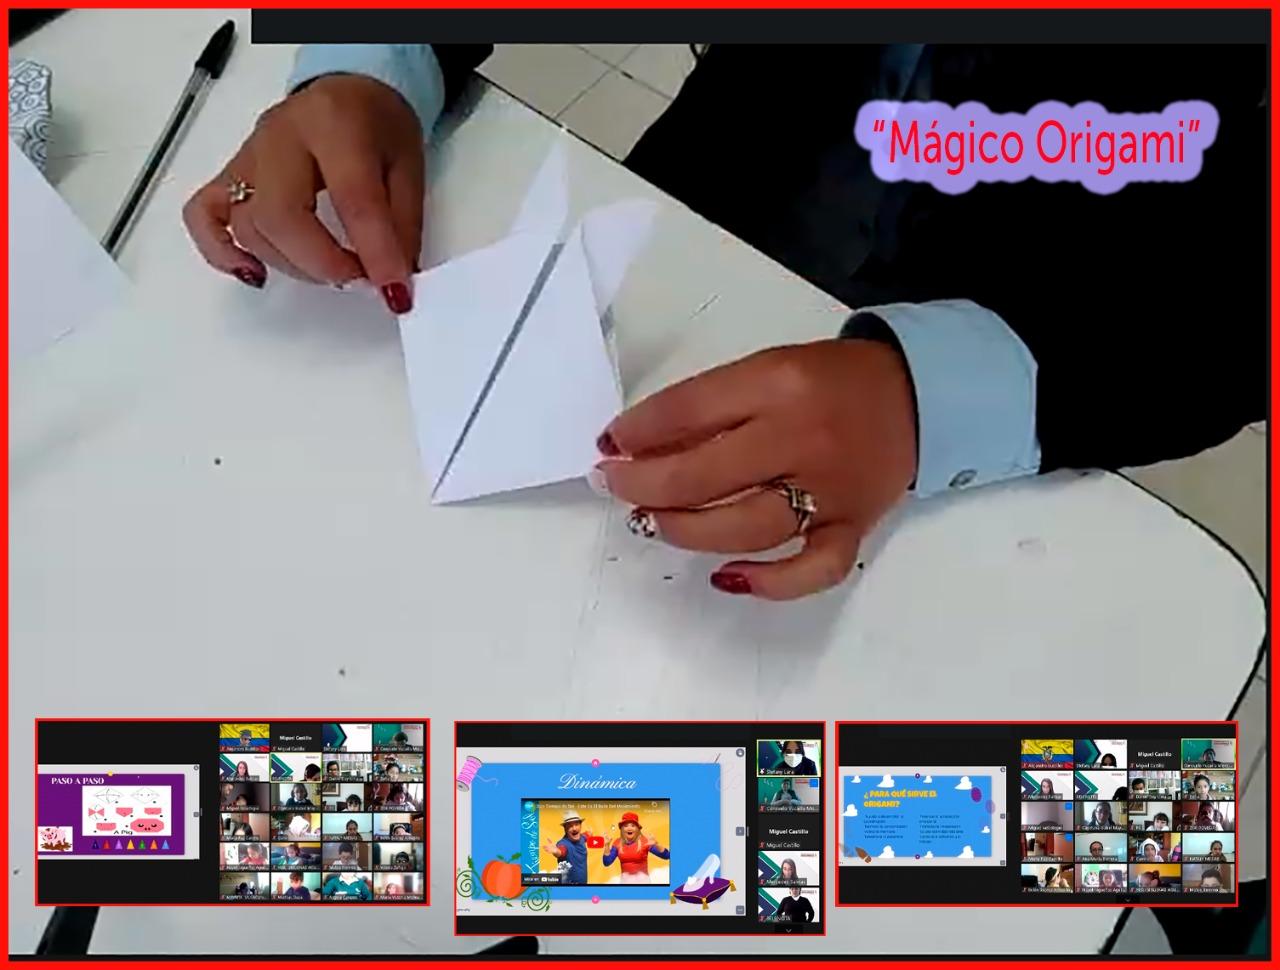 Niños De Educación General Básica Elemental participaron en una Actividad de Origami